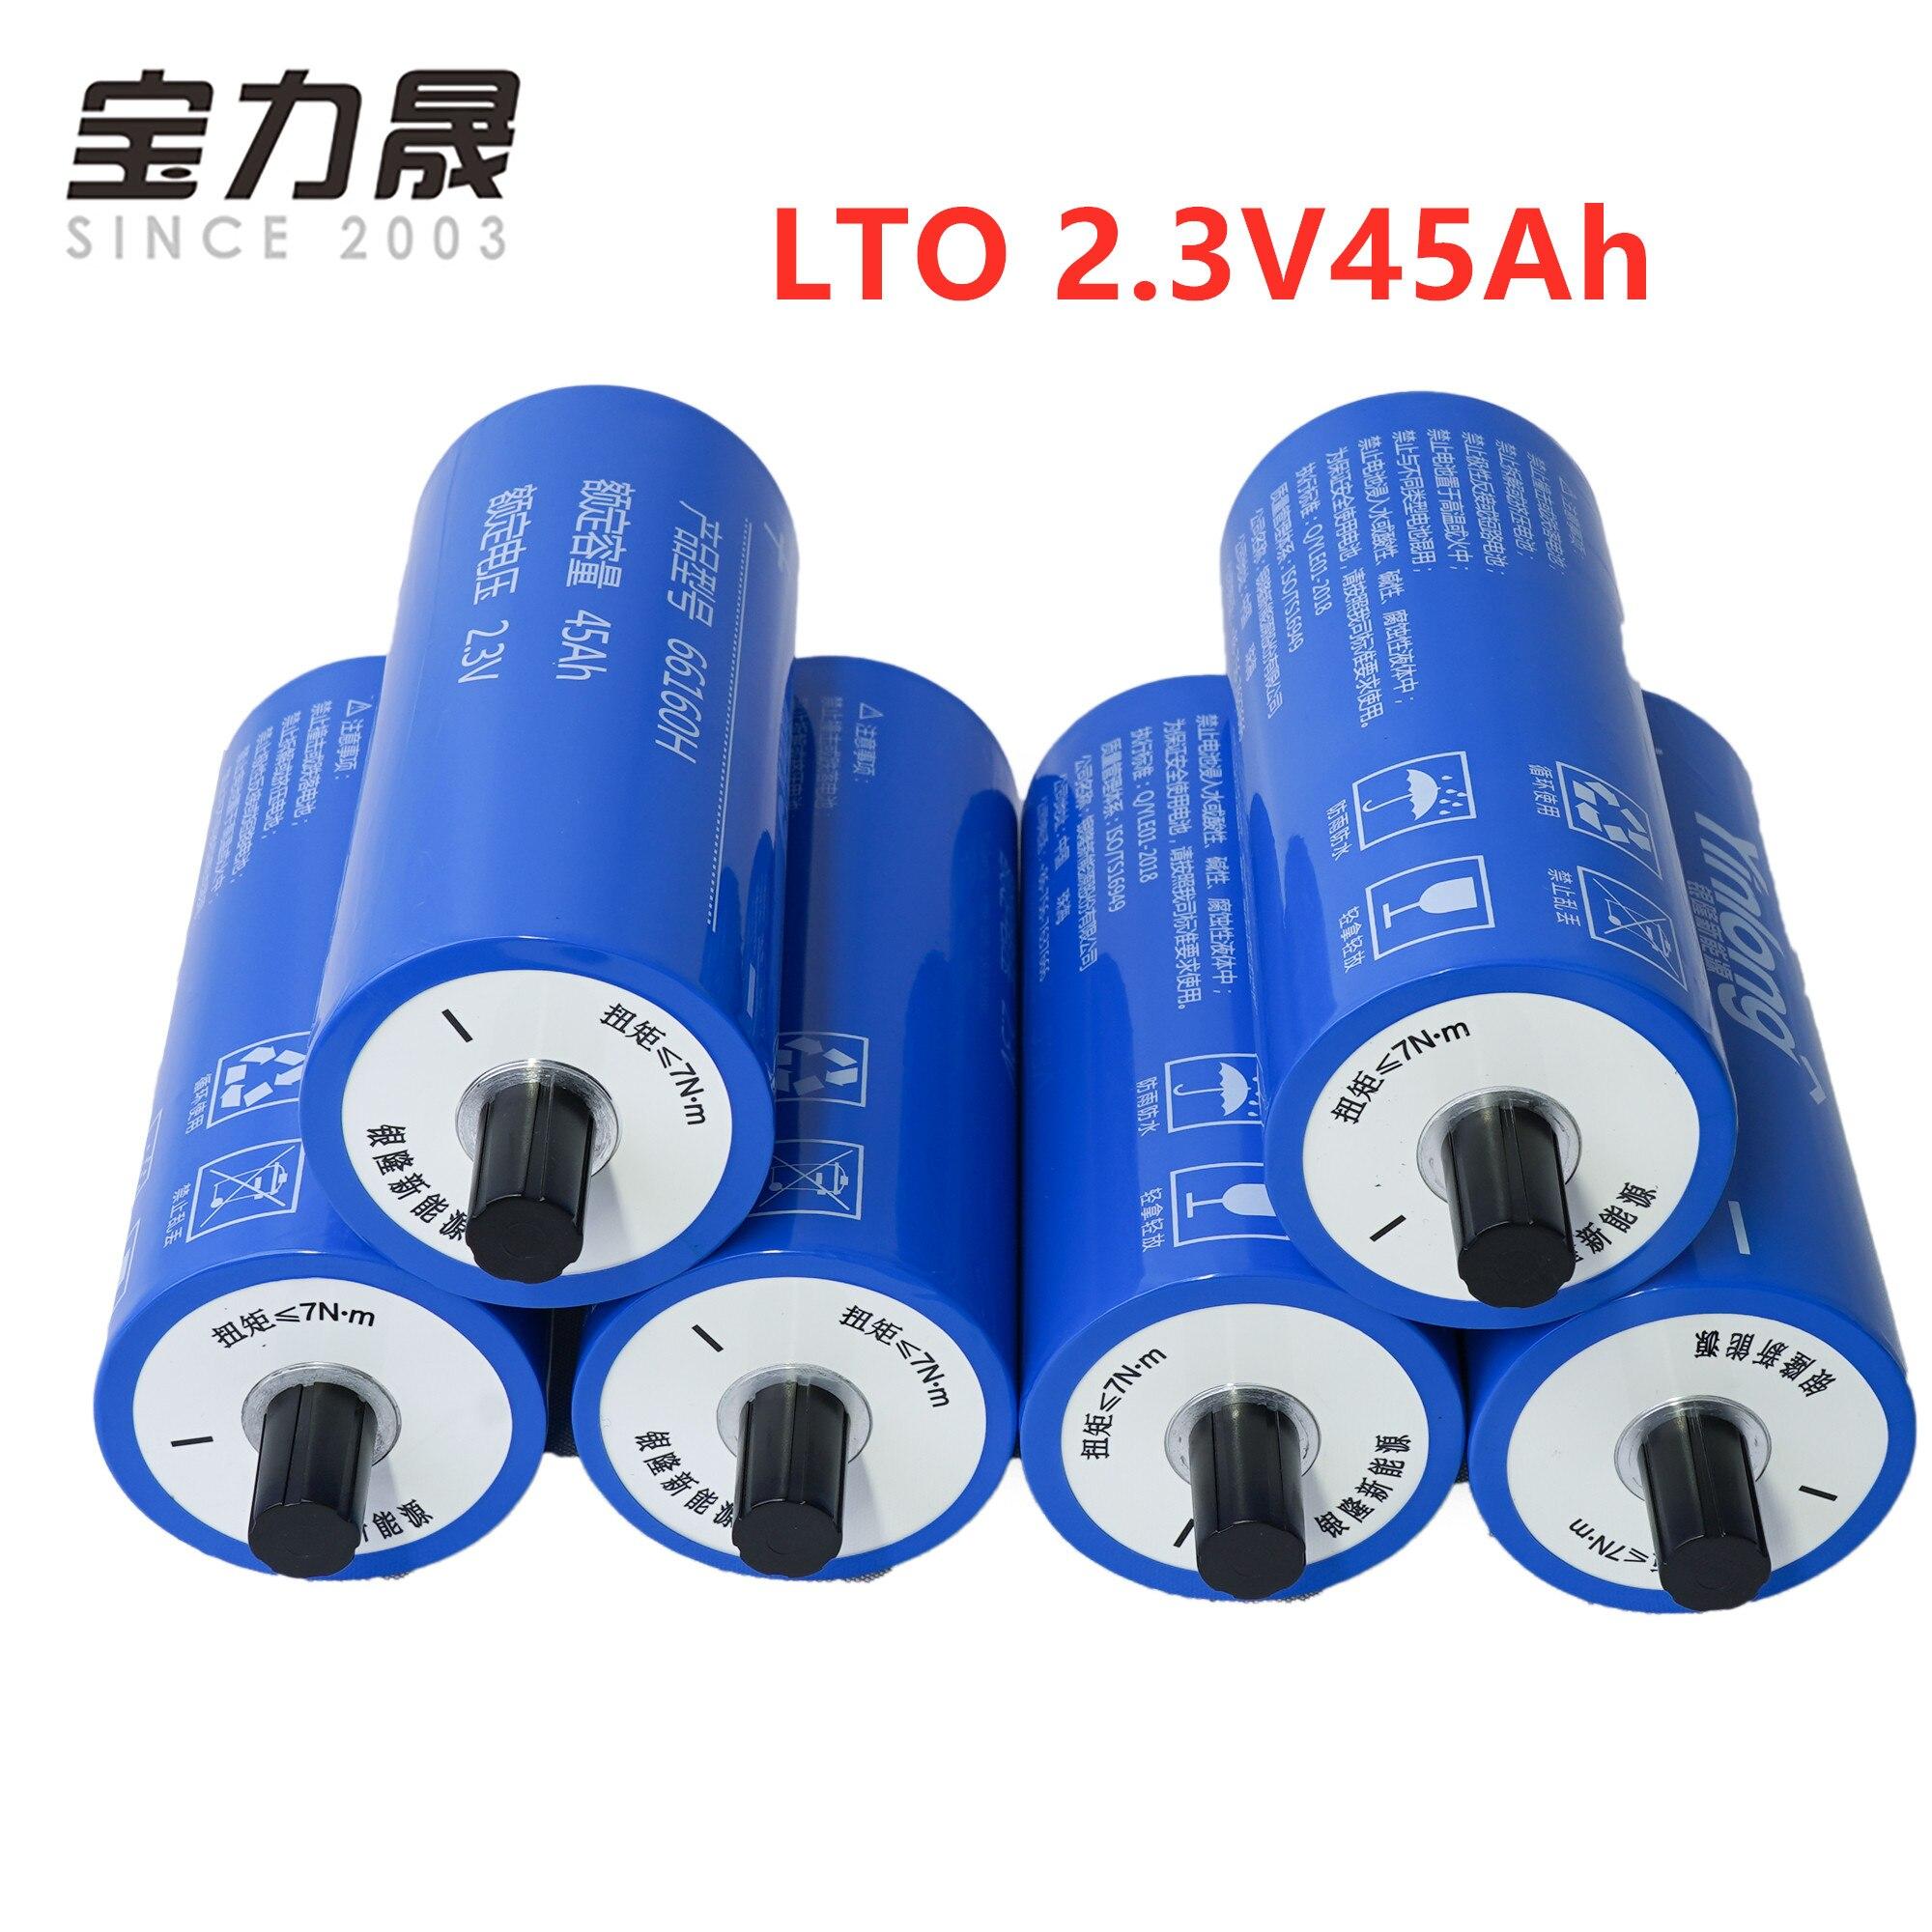 2.3 فولت 2.4 فولت LTO 45AH 6S 12V45AH الأصلي YINLONG 66160H ليثيوم Titanate بطارية شحن 2.4 فولت 10C 450A ل 12 فولت 14.4 فولت EV عربة جولف